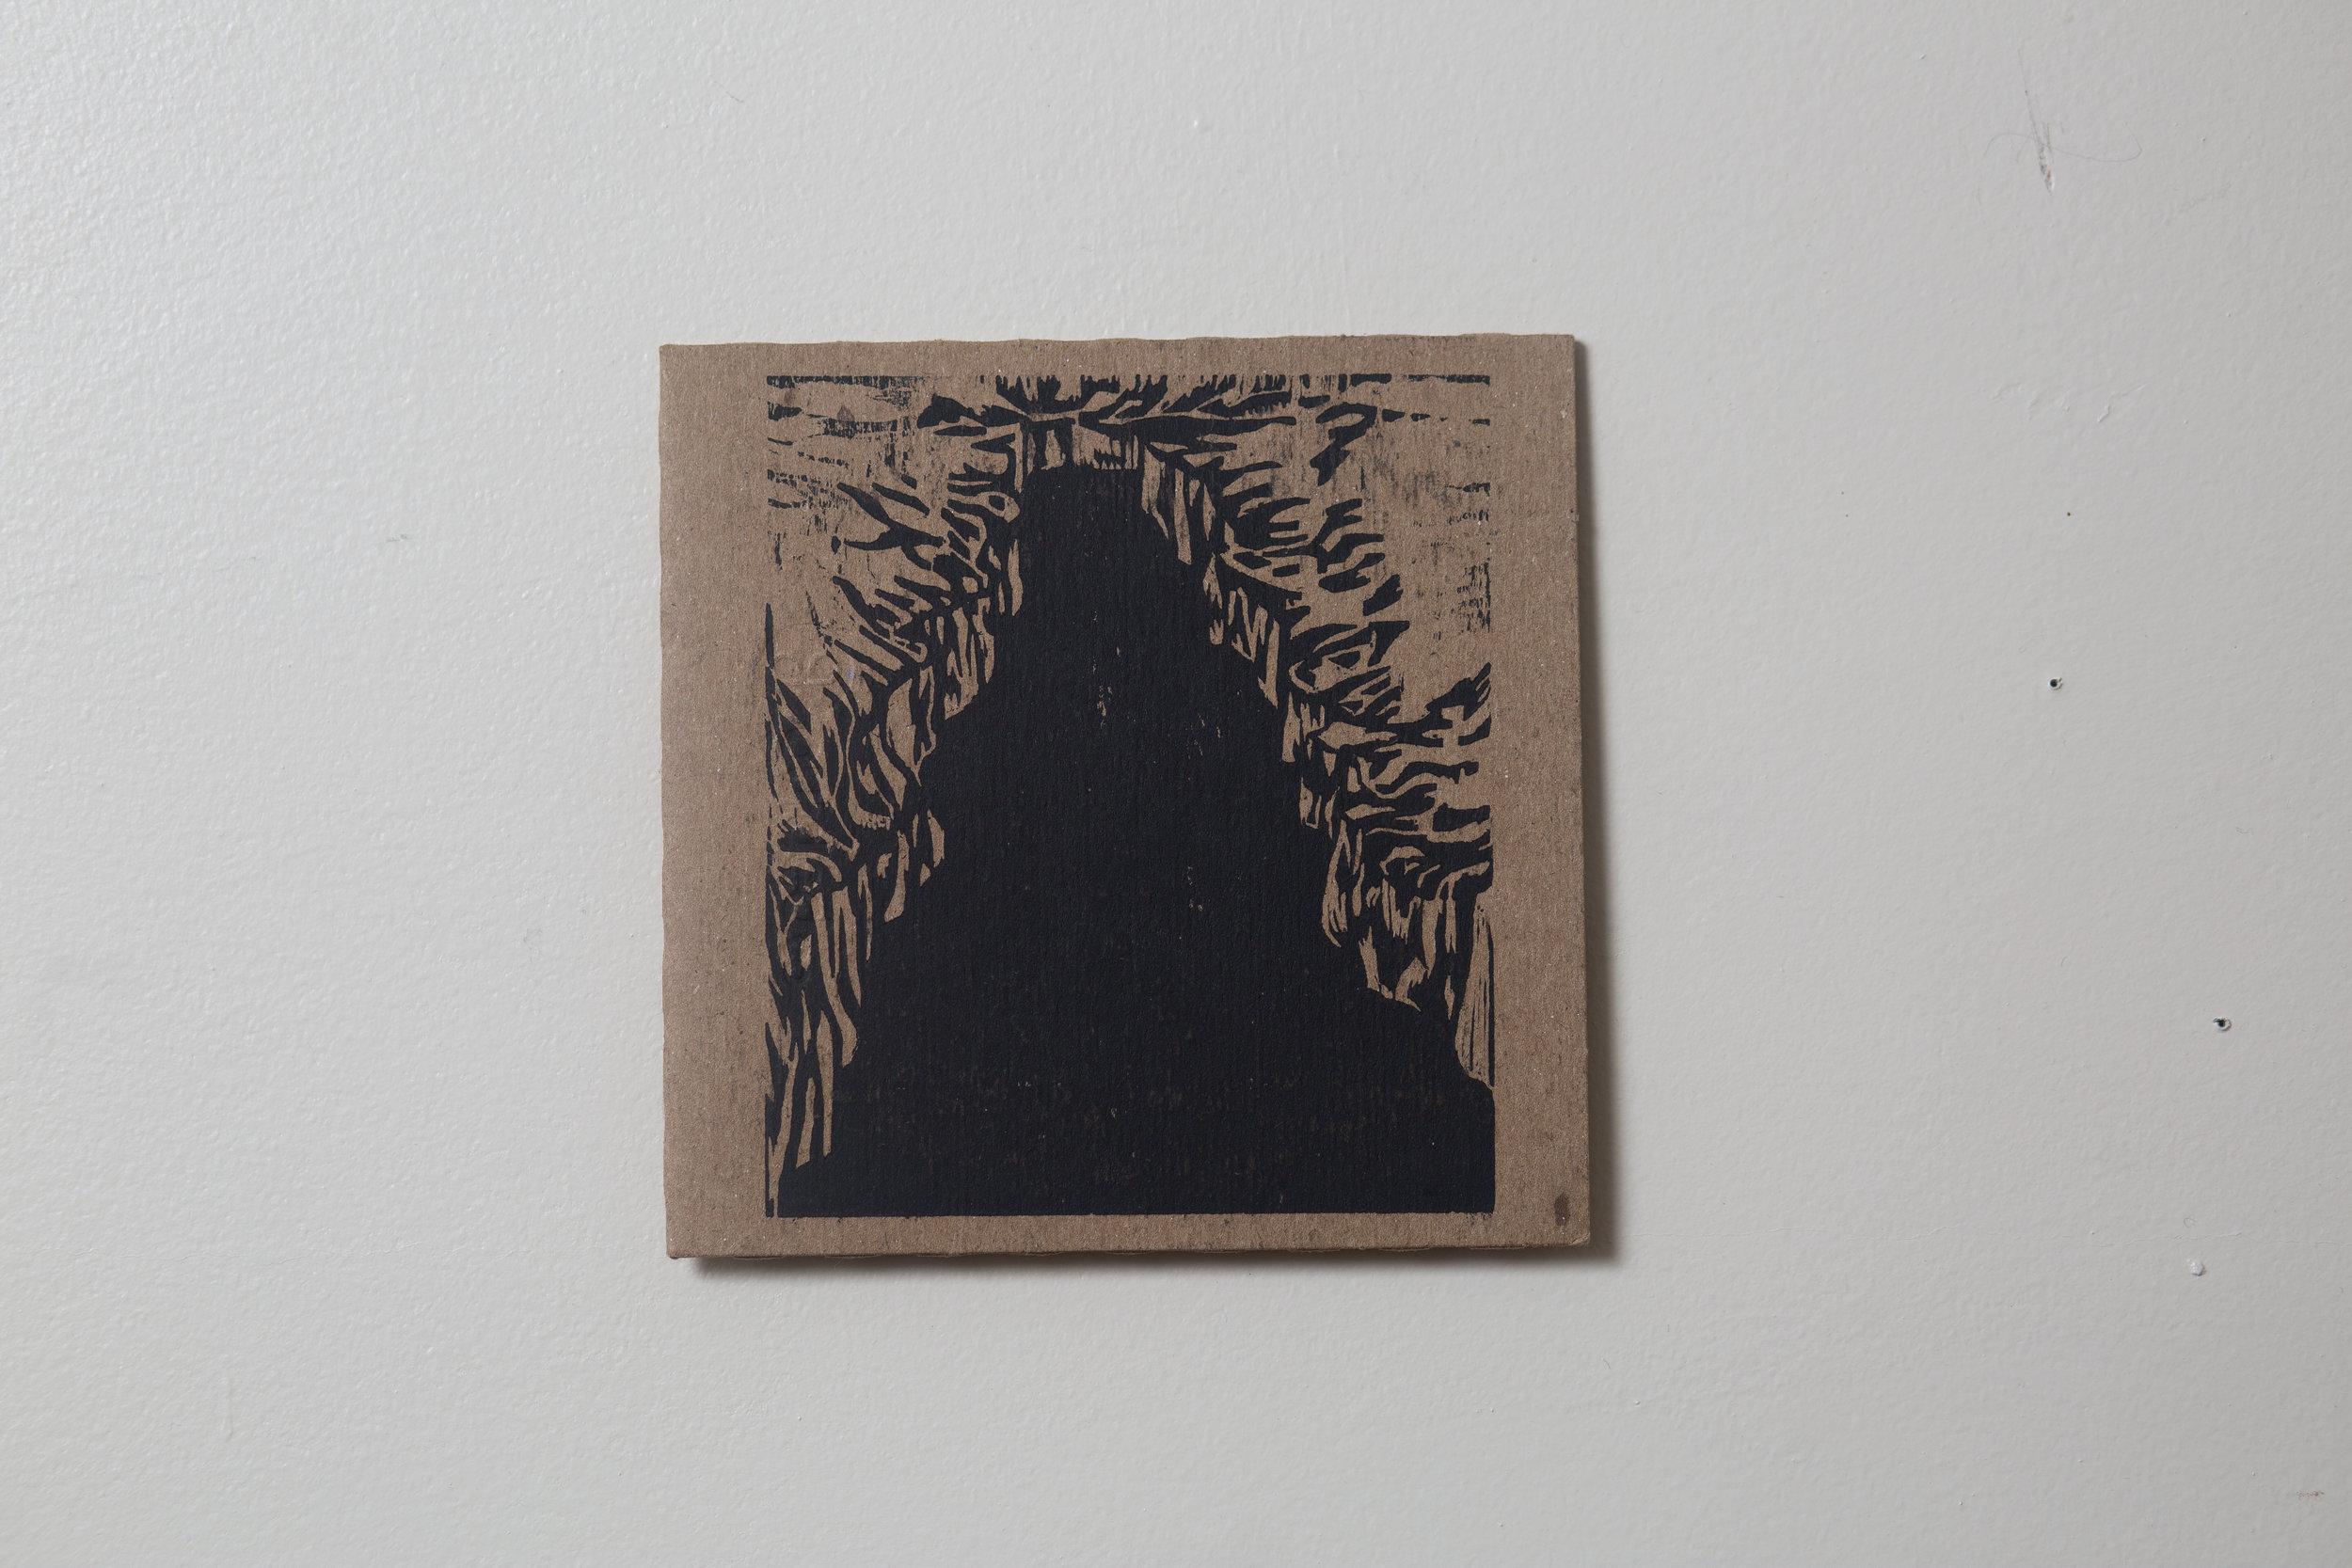 'Comet' CD back